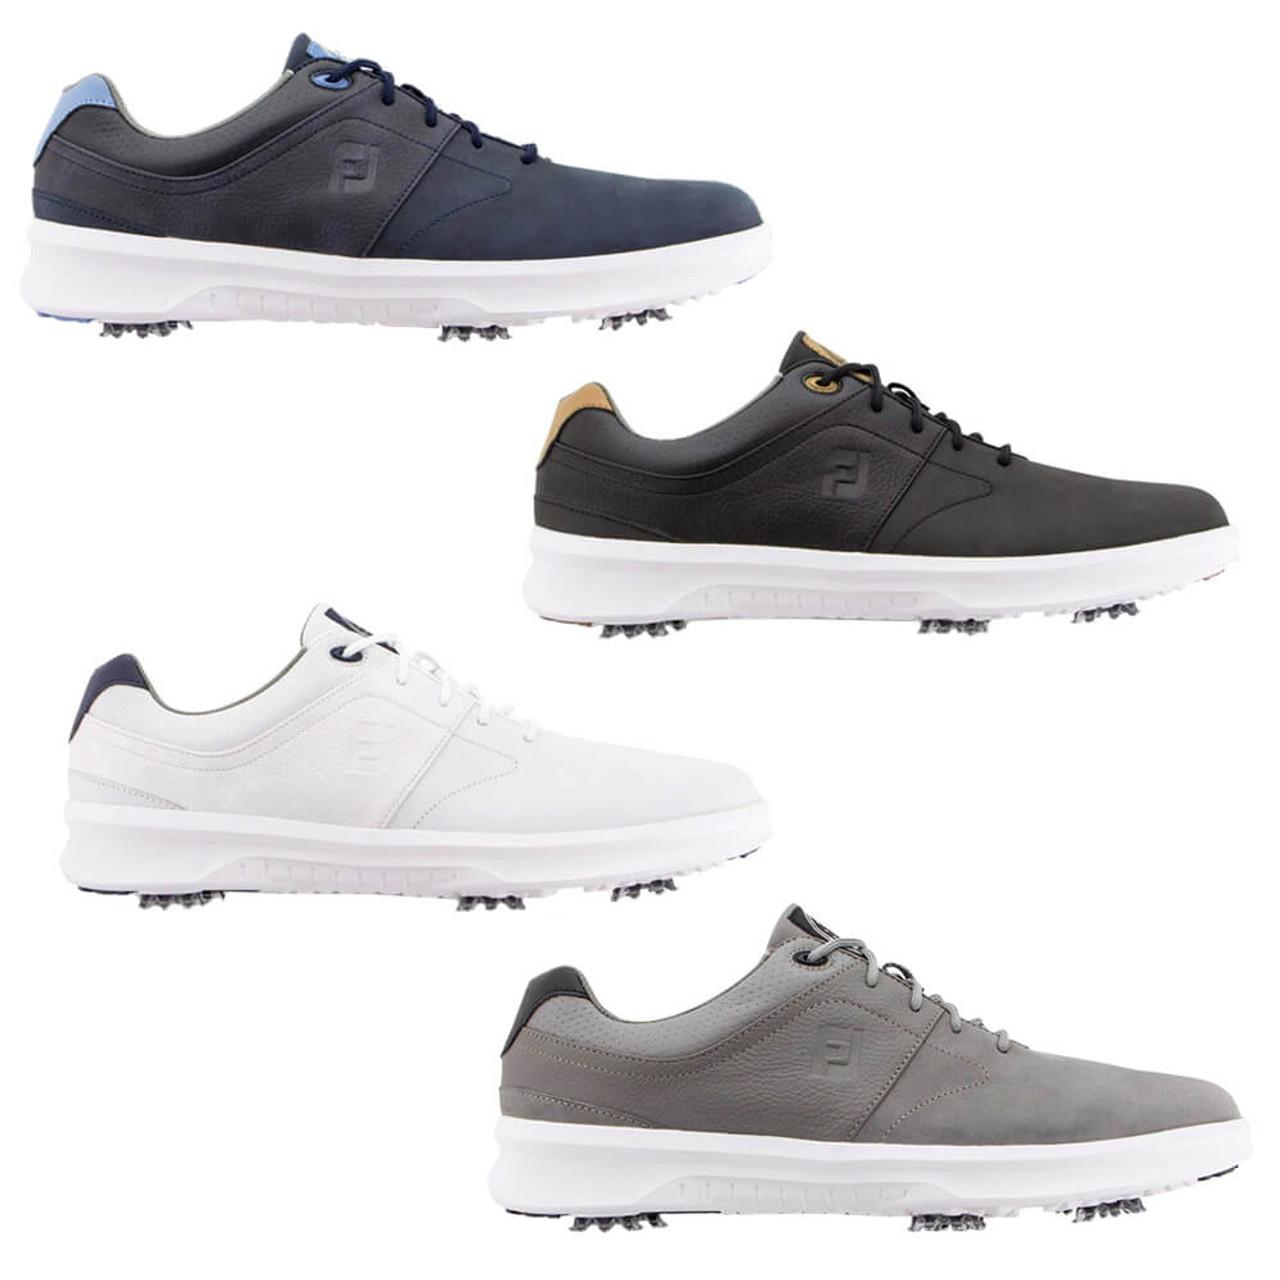 FootJoy Contour Series Golf Shoes 2020